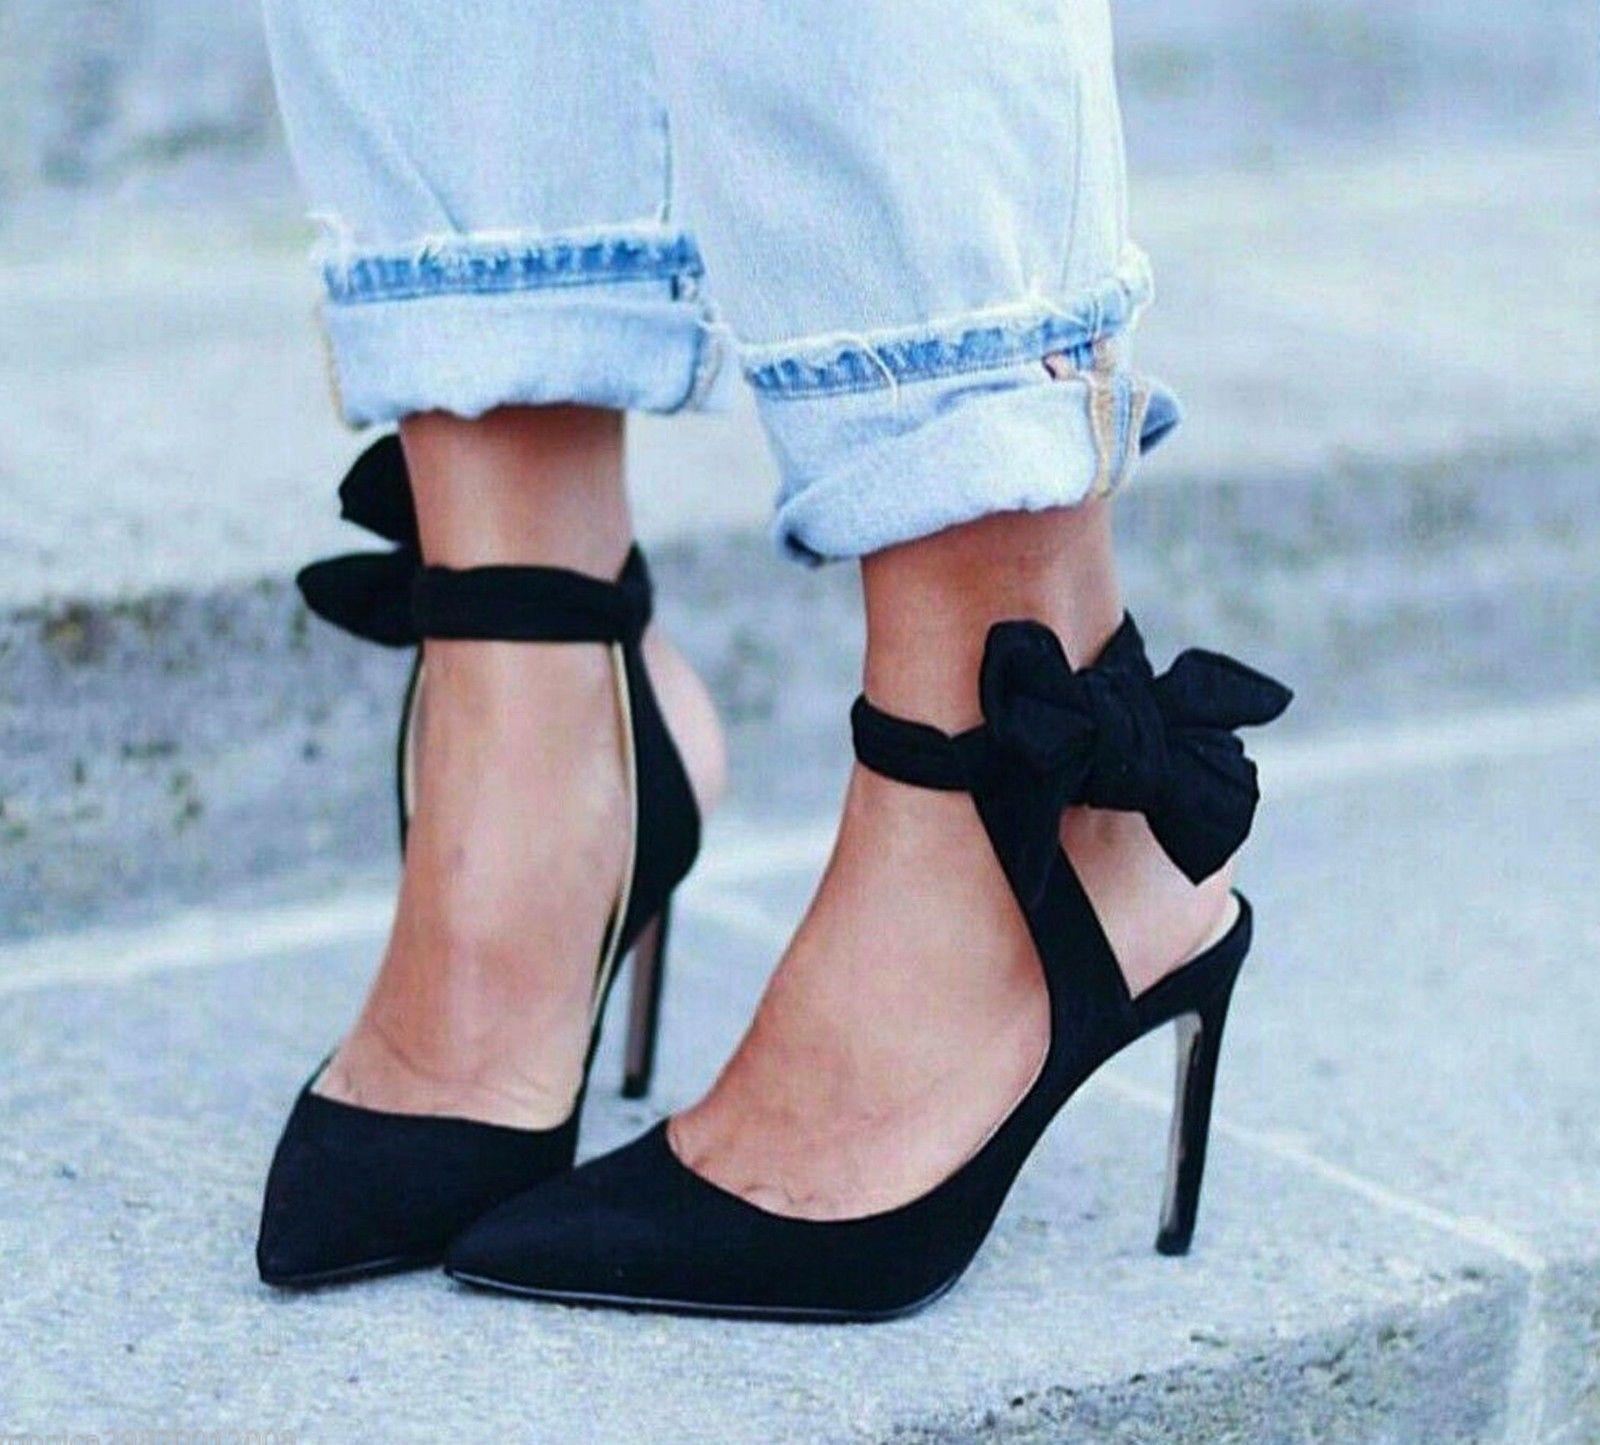 Tacones Cuero Elegante Gamuza Zara Inteligente Negro Imitación gYbfy76